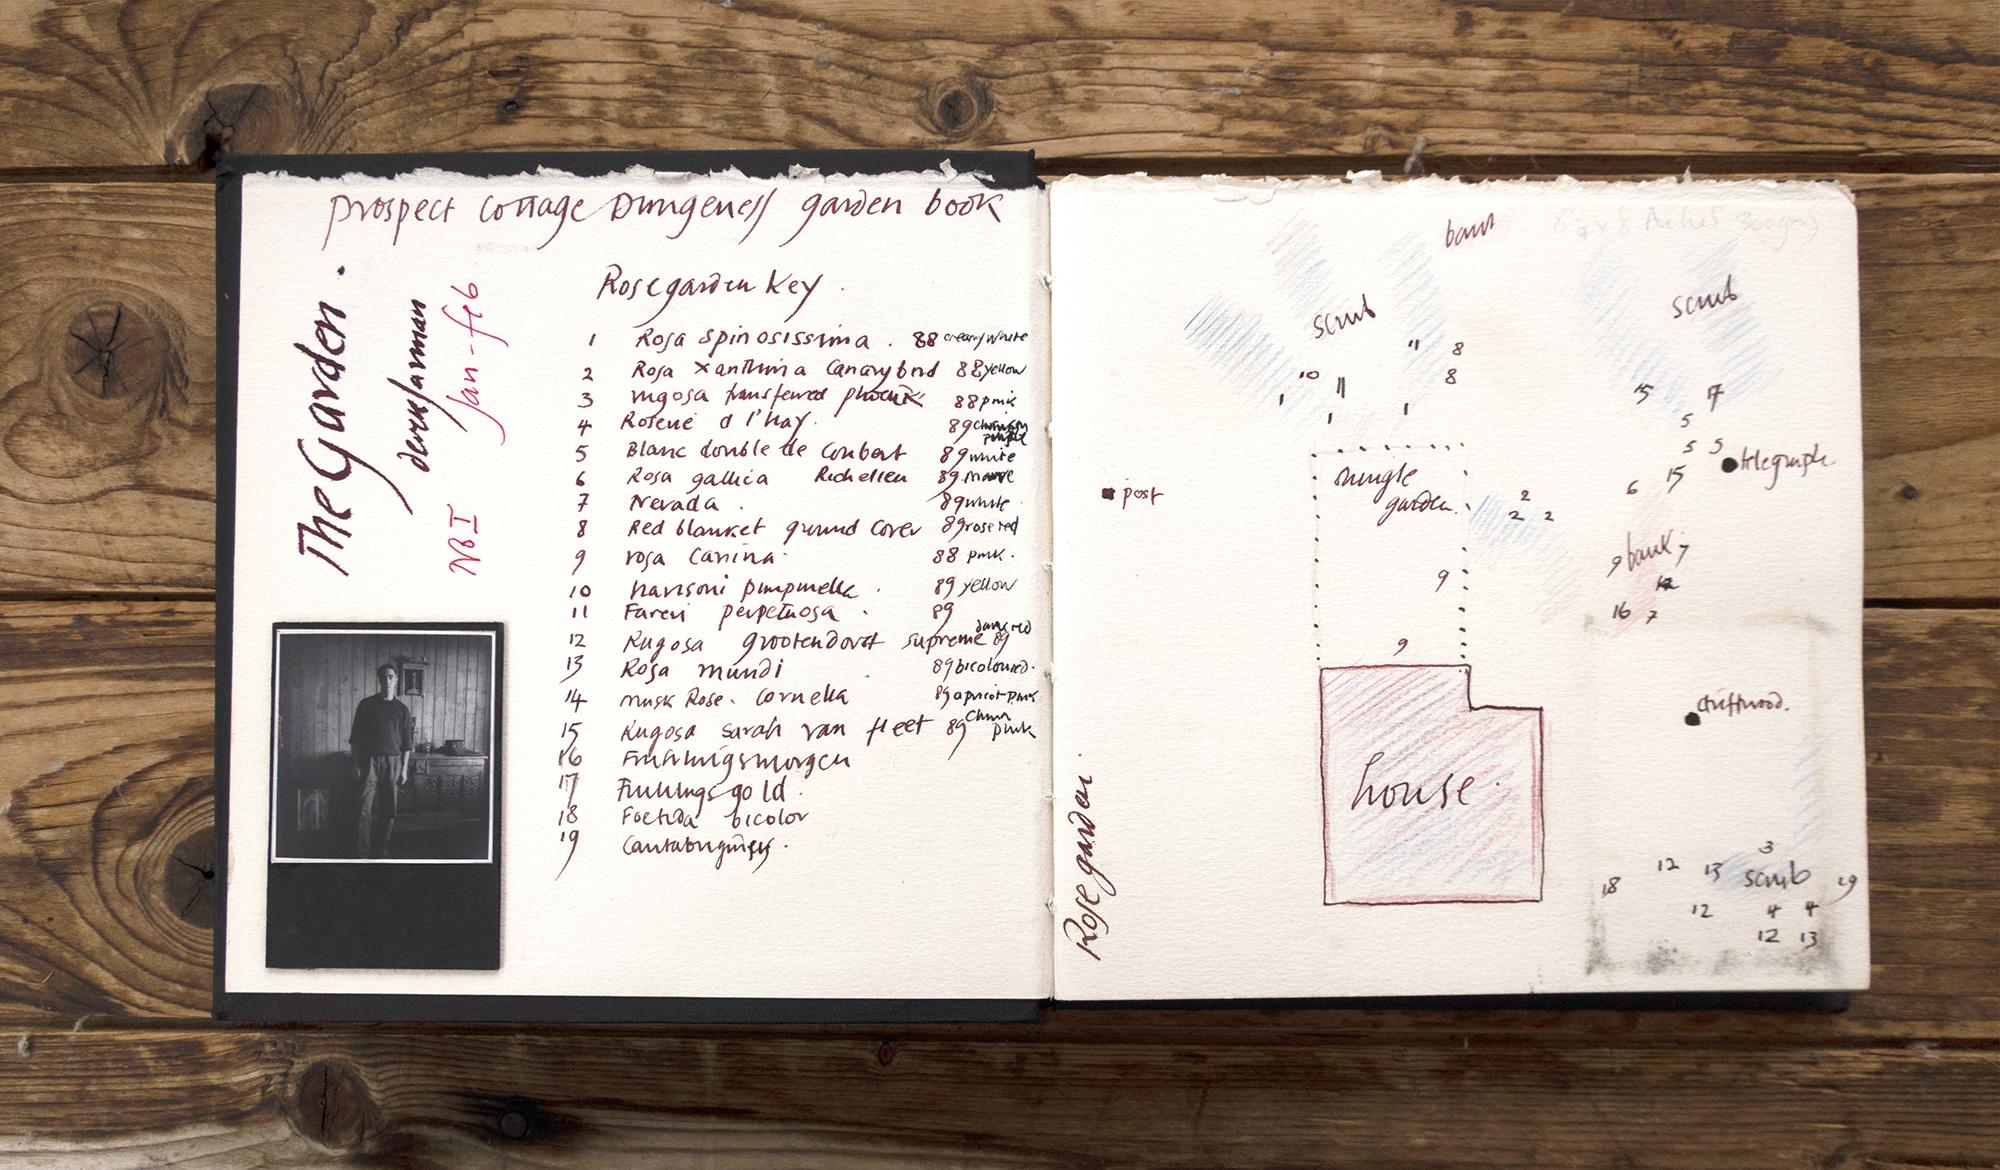 untitled (derek jaram - garden book).jpg